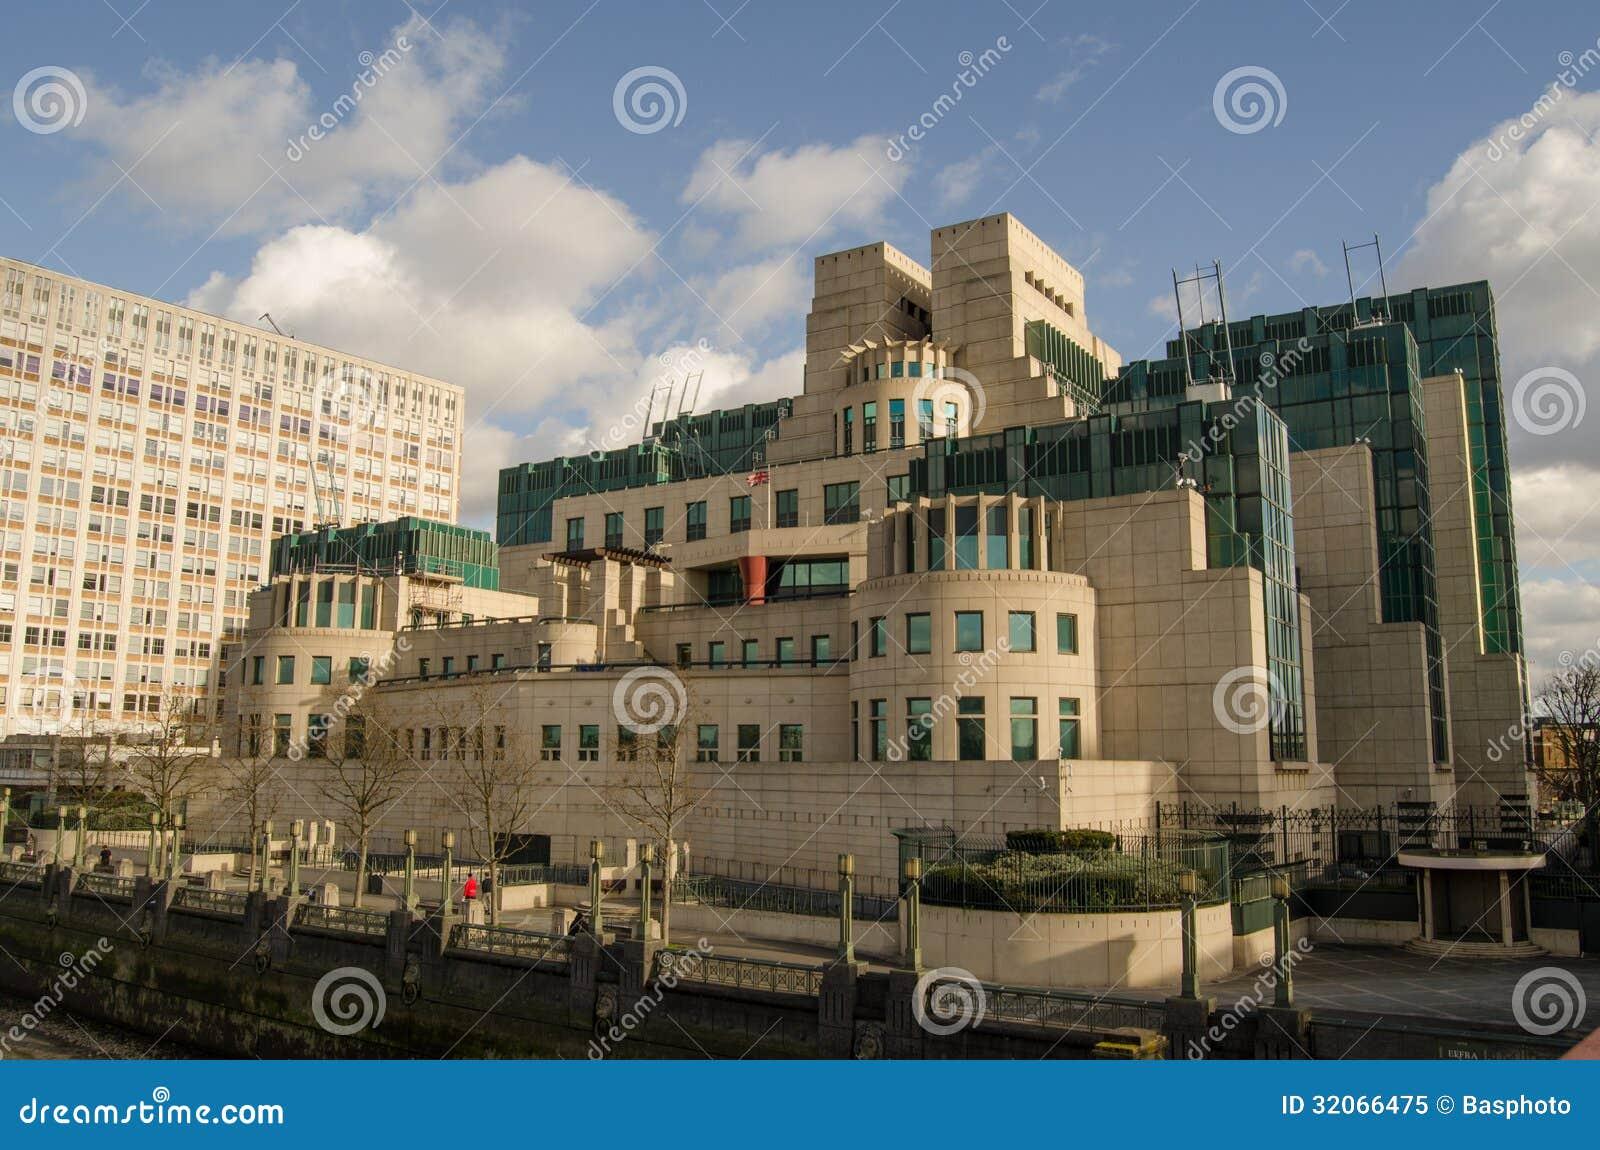 Google Hoofdkwartier Londen : Mi6 hoofdkwartier londen stock afbeelding. afbeelding bestaande uit